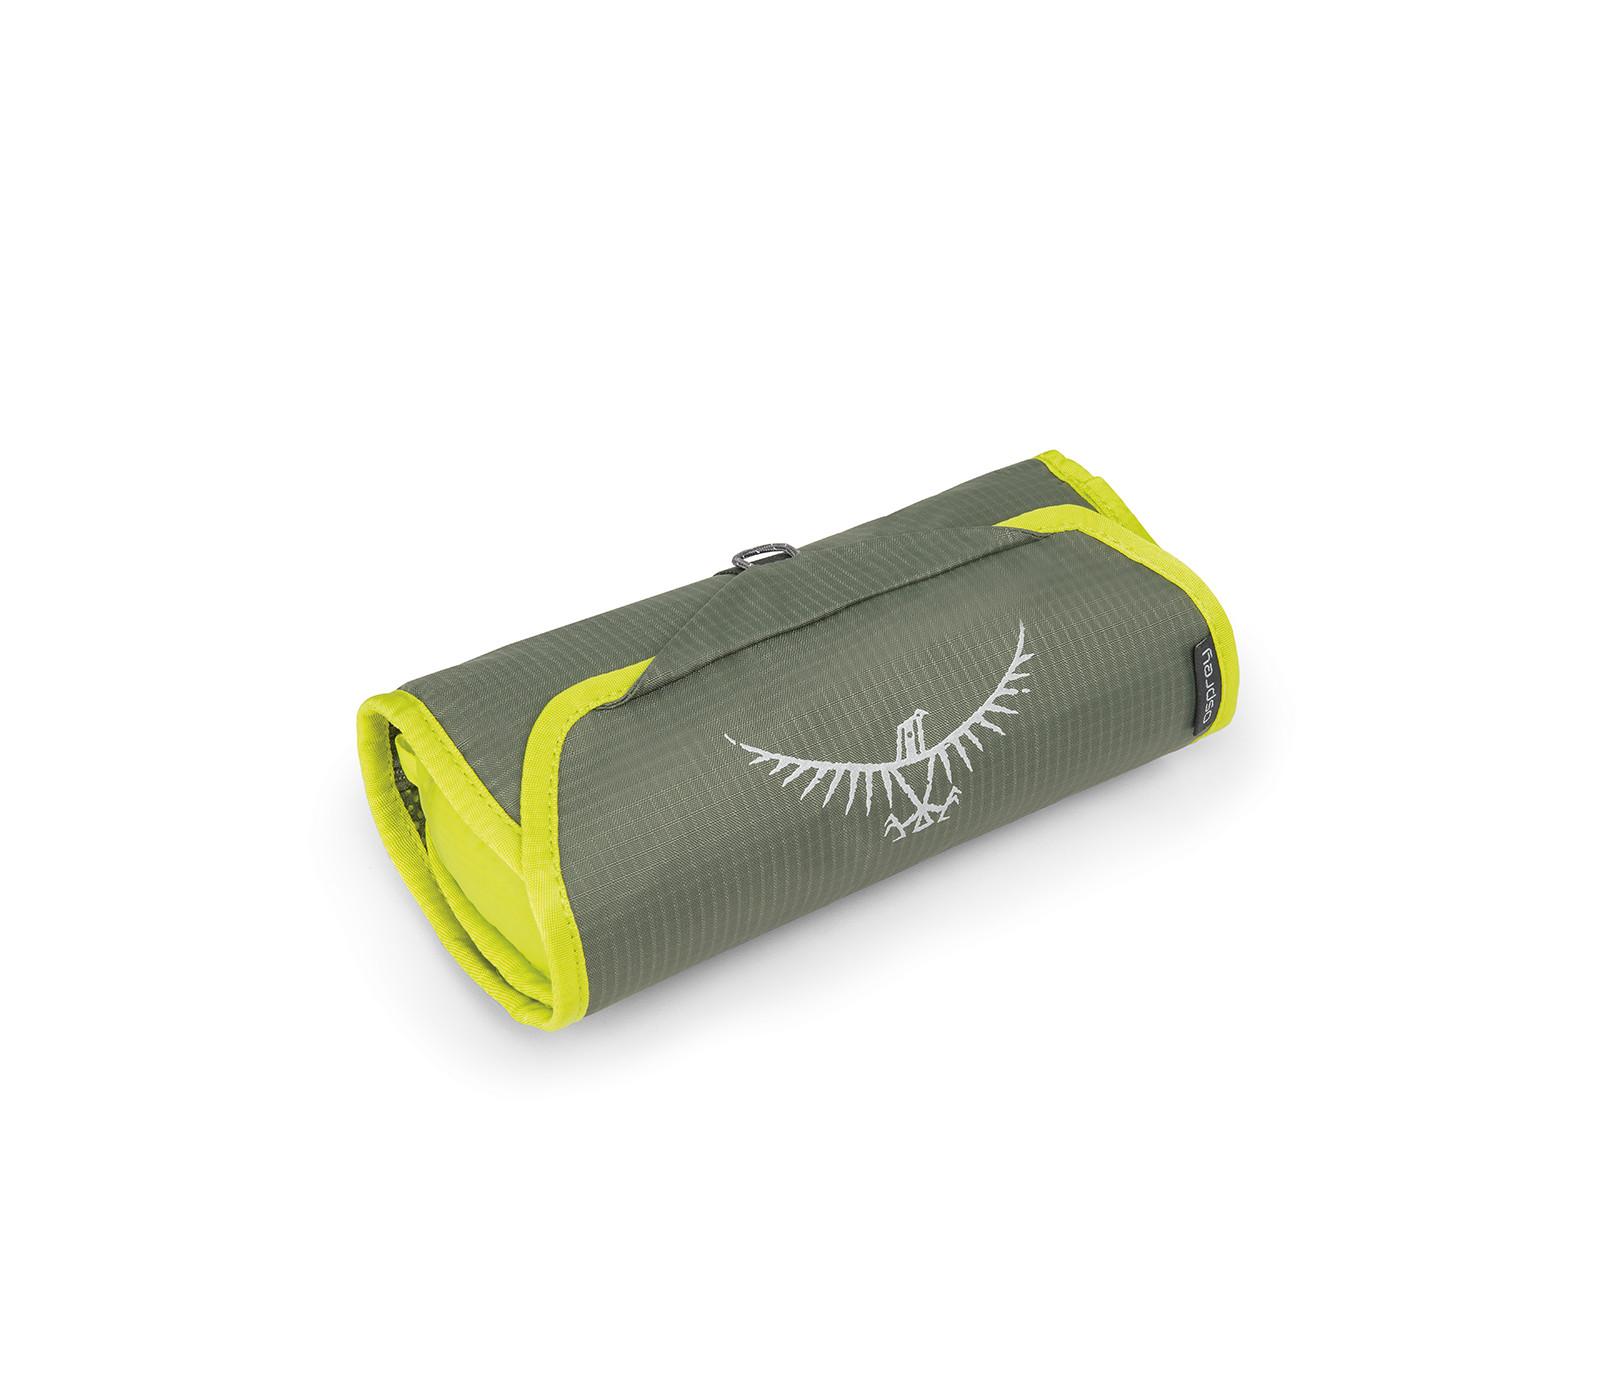 Osprey Ul Washbag Roll